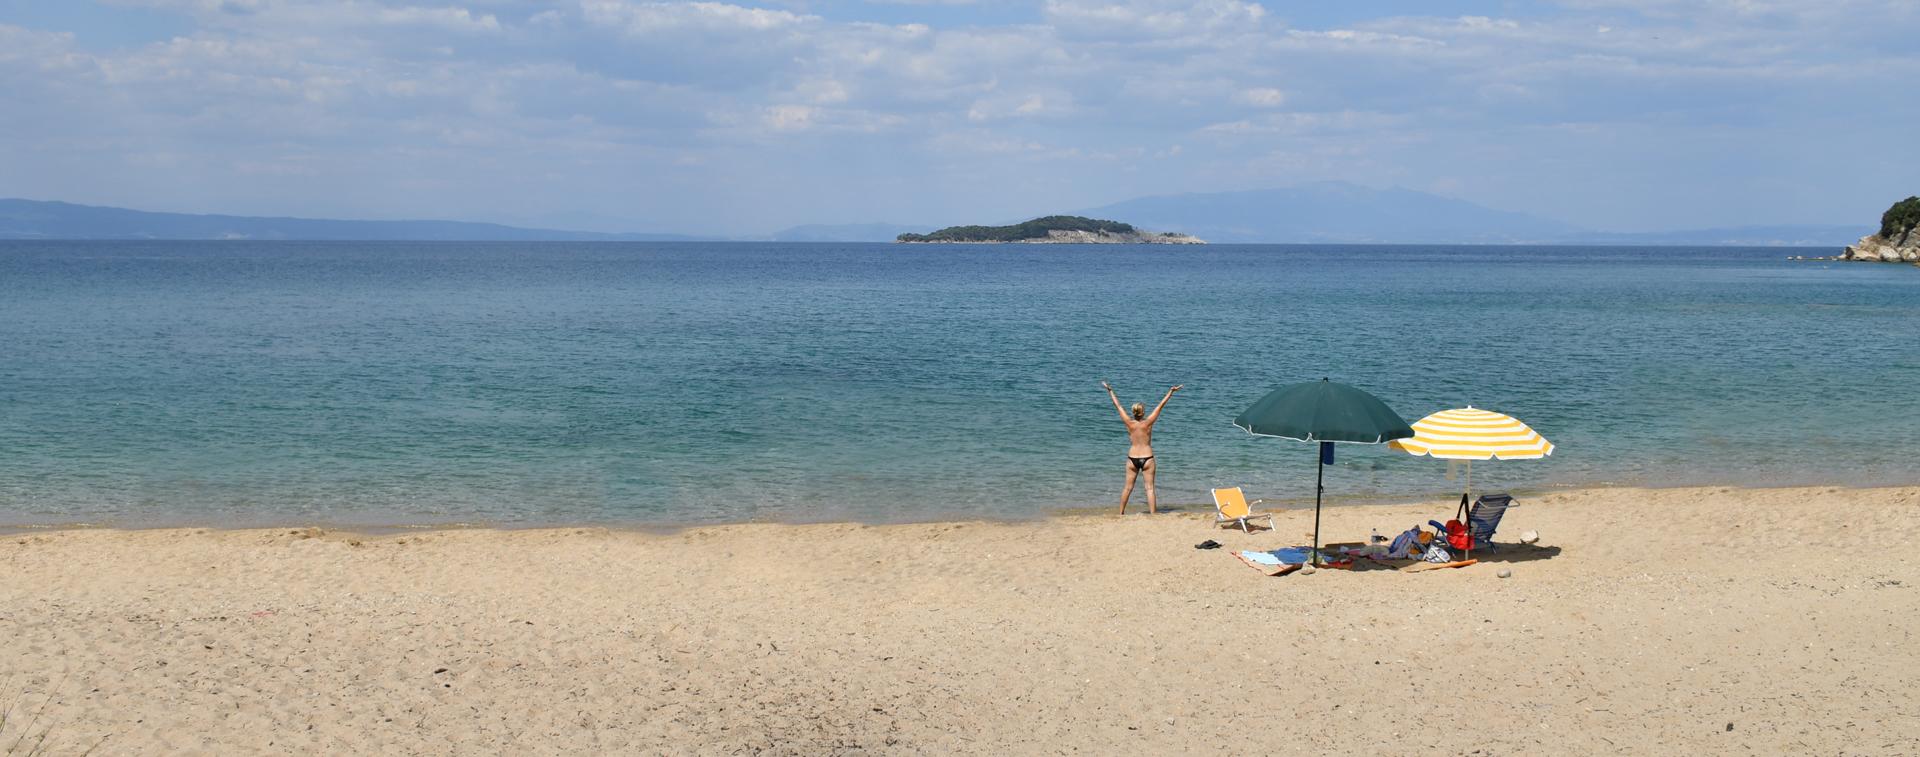 עצמאות - חוף נודיסטים - חופש - יוון - יואל שתרוג - אדמה יוצרת - yoel sitruk